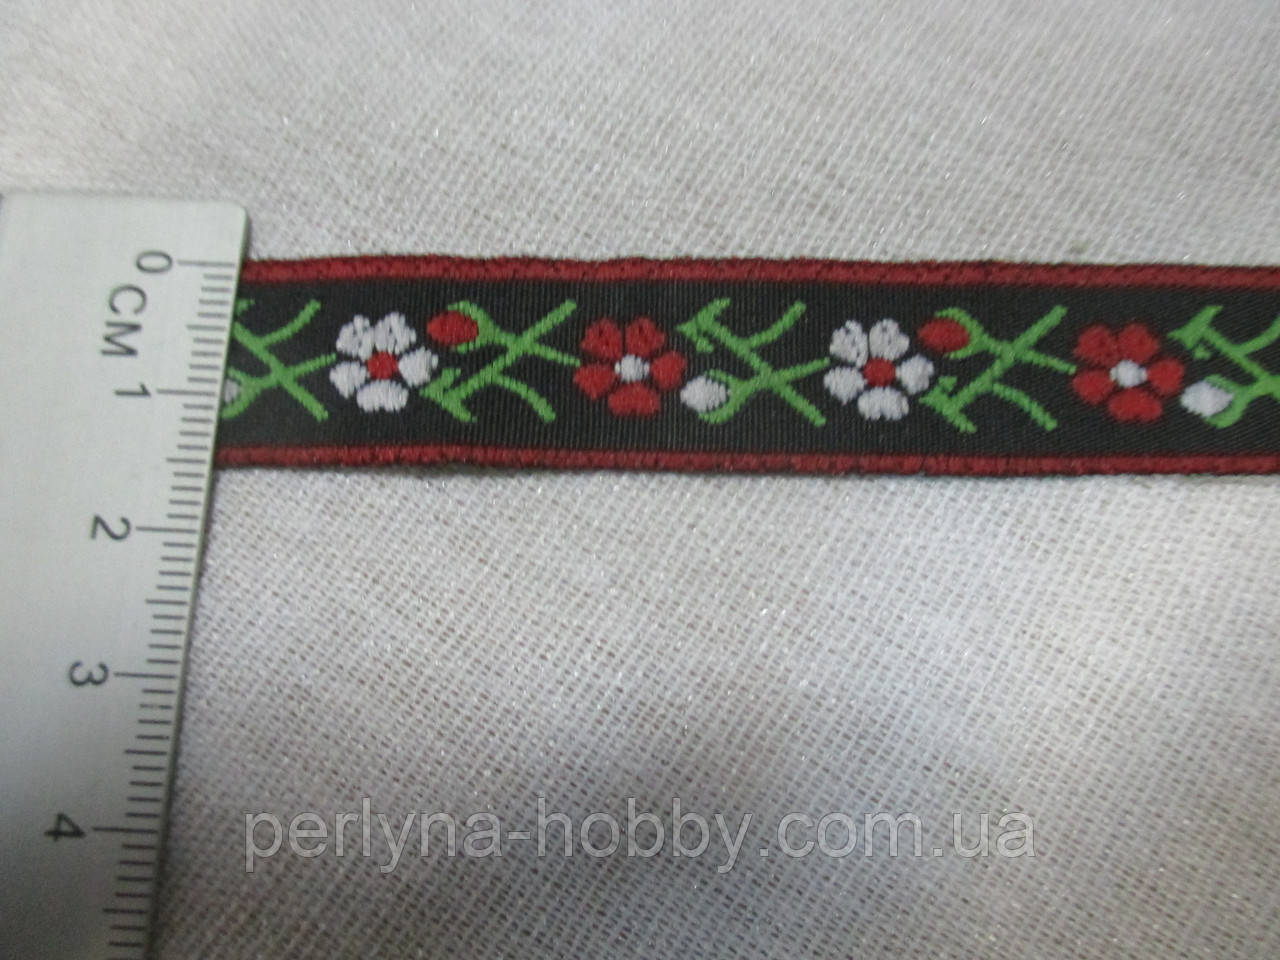 Тесьма з орнаментом квіти 16 мм., чорна з квітами